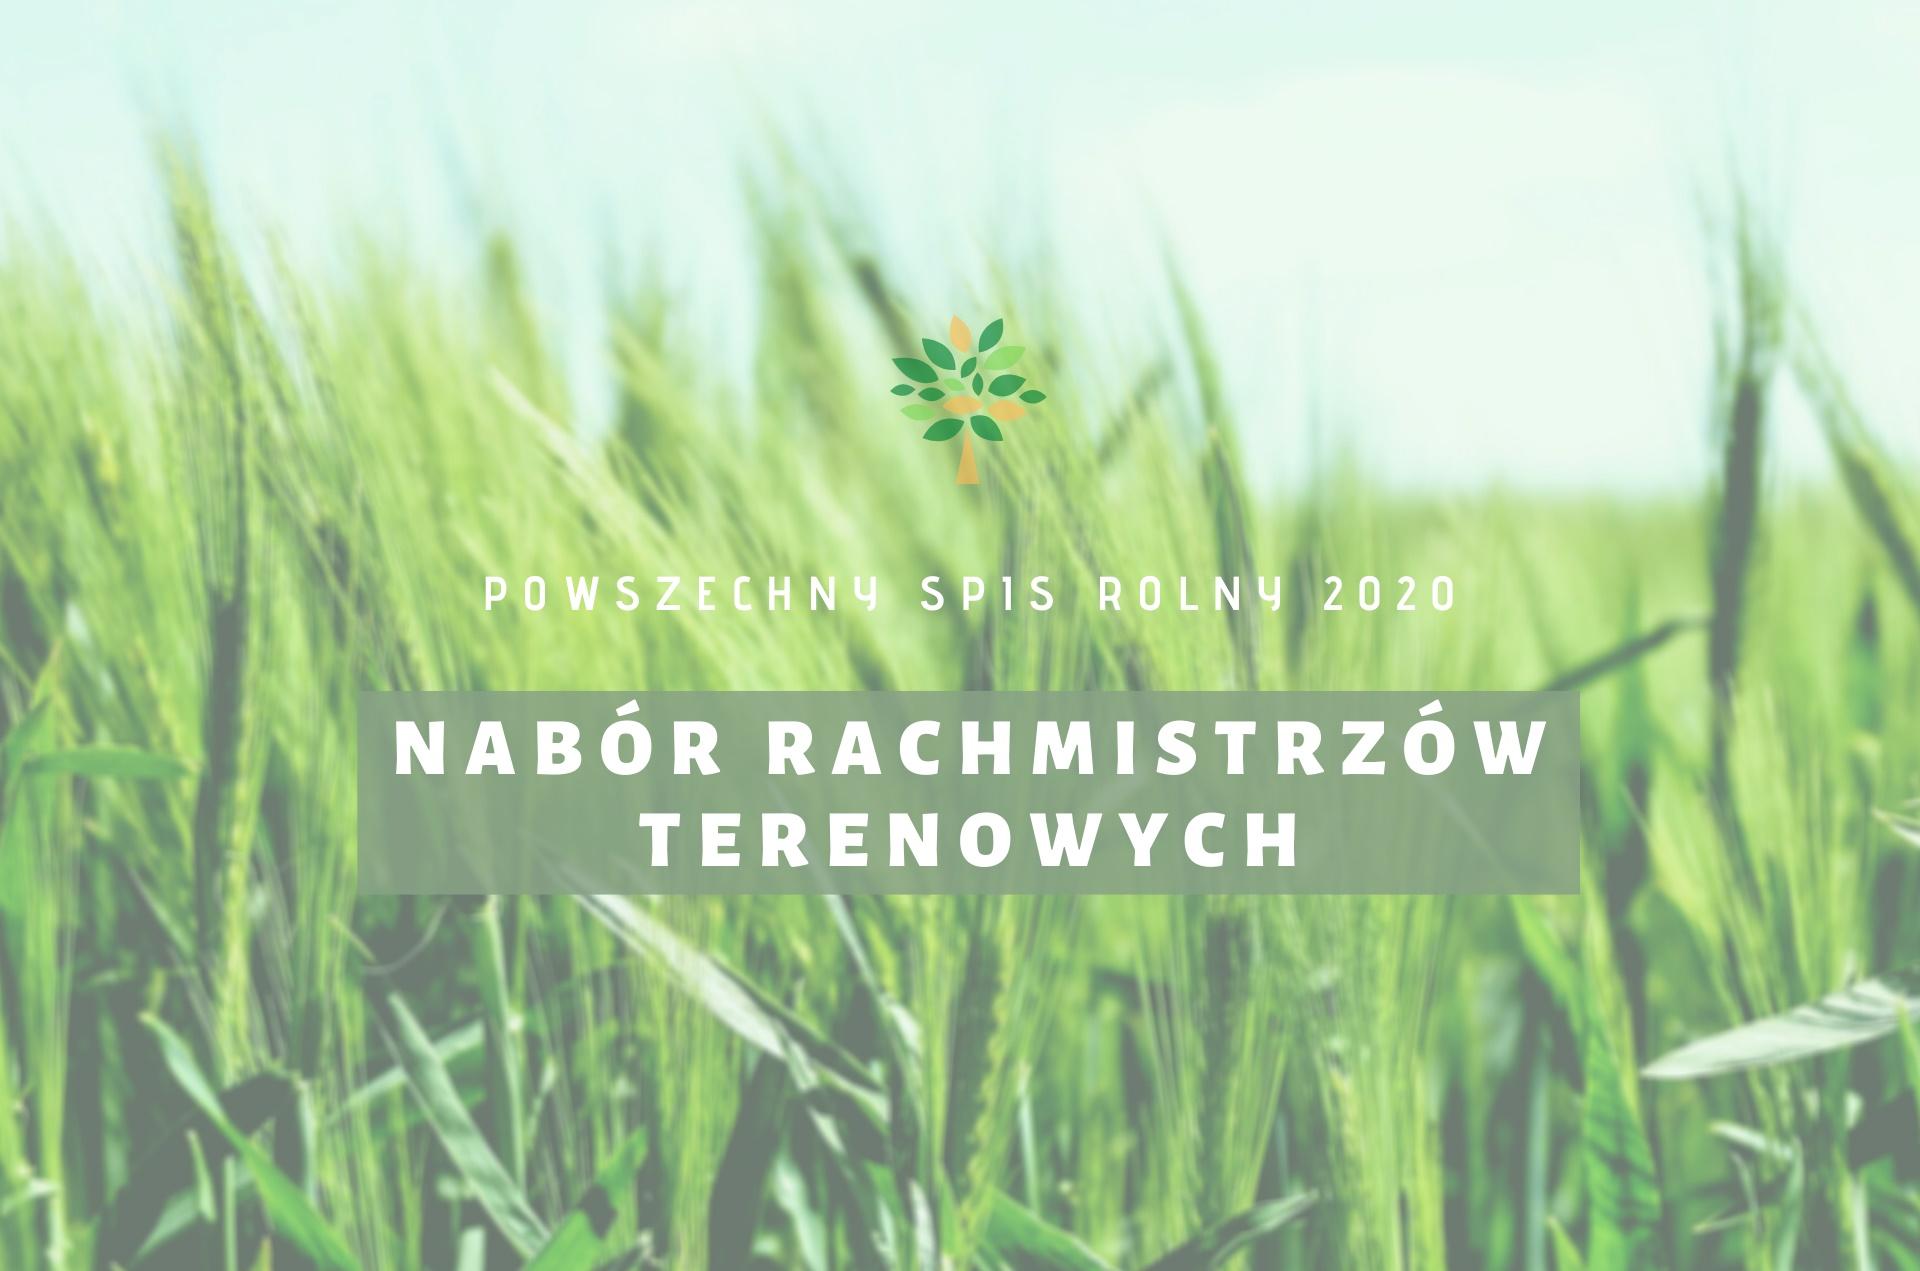 Nabór kandydatów na rachmistrzów terenowych  do przeprowadzenia Powszechnego Spisu Rolnego 2020